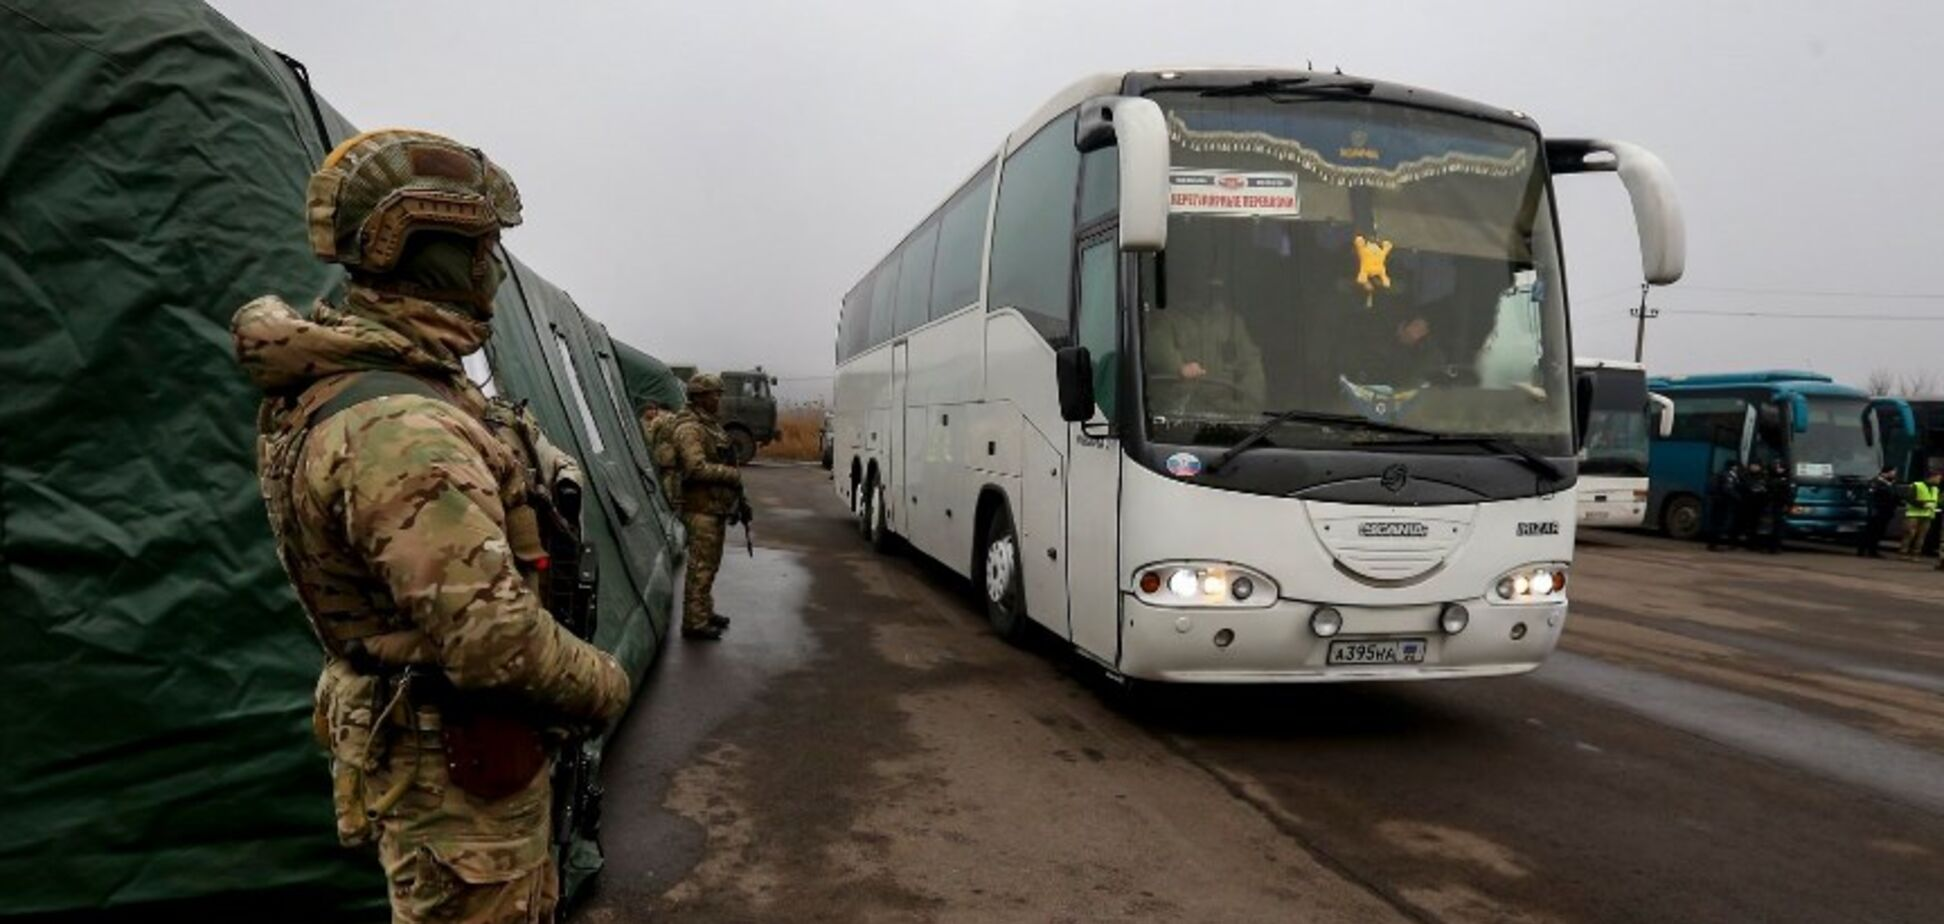 Обмен пленными между Украиной и 'Л/ДНР' состоится 16 апреля – СМИ